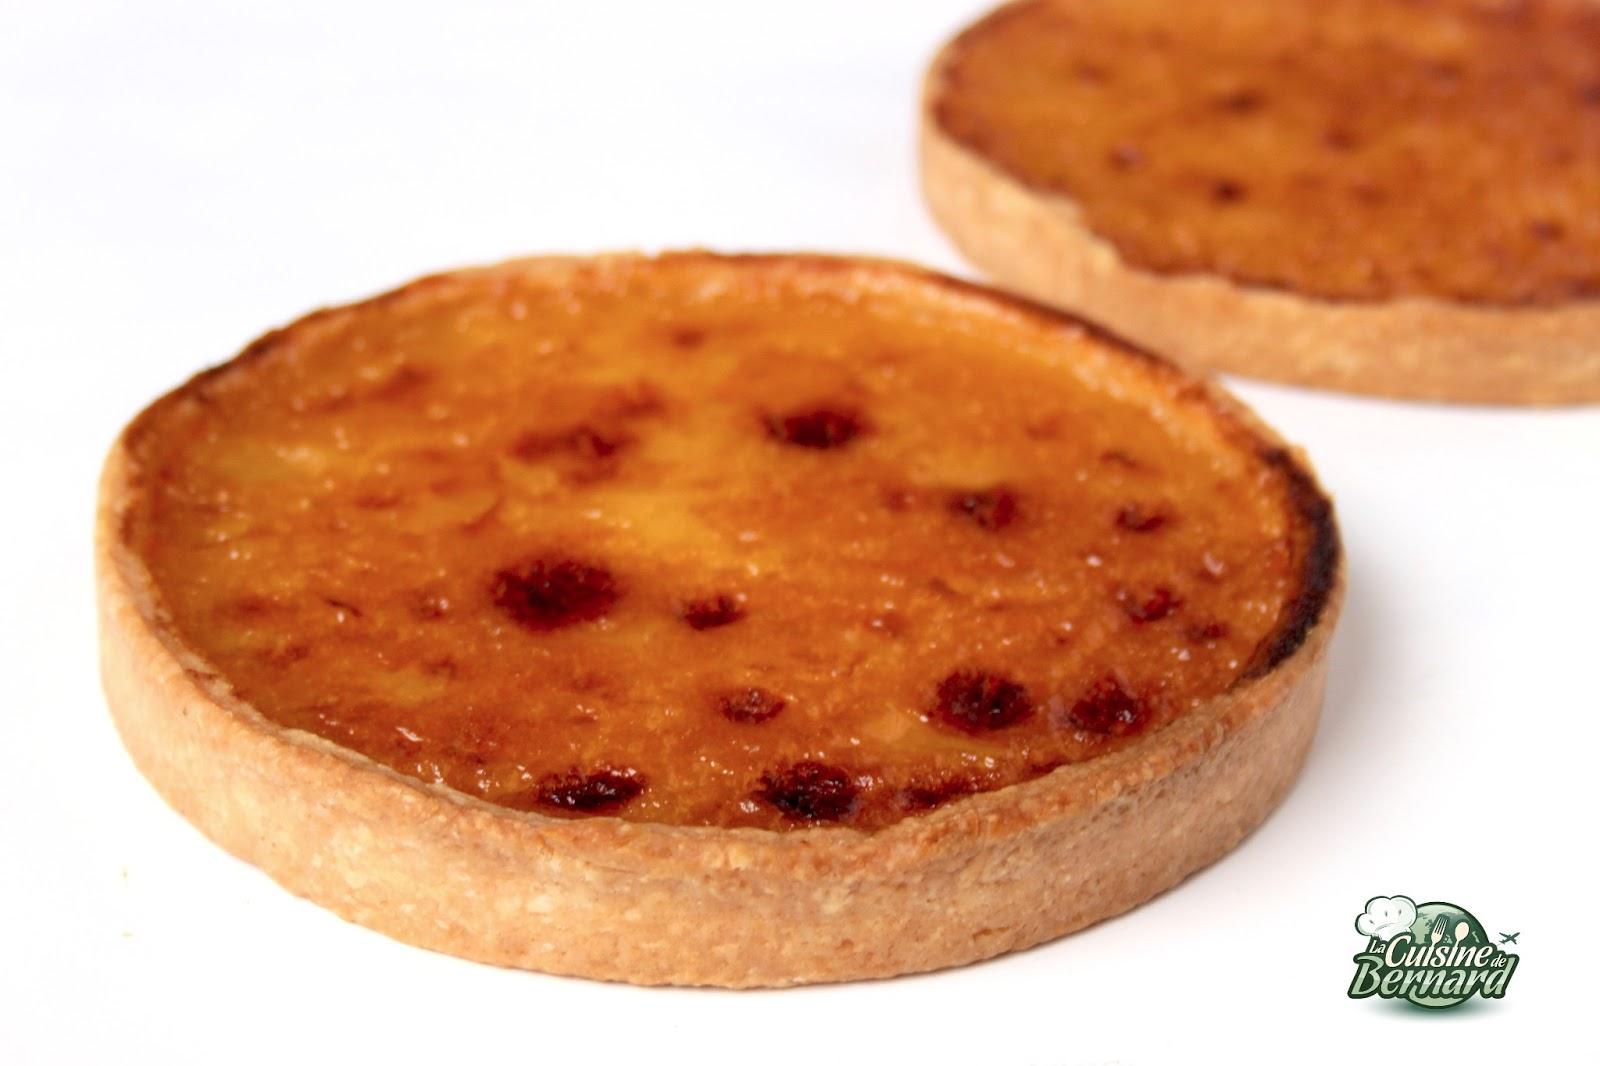 La cuisine de bernard tarte au citron la cr me cuite - Cuisine de bernard tarte au citron ...